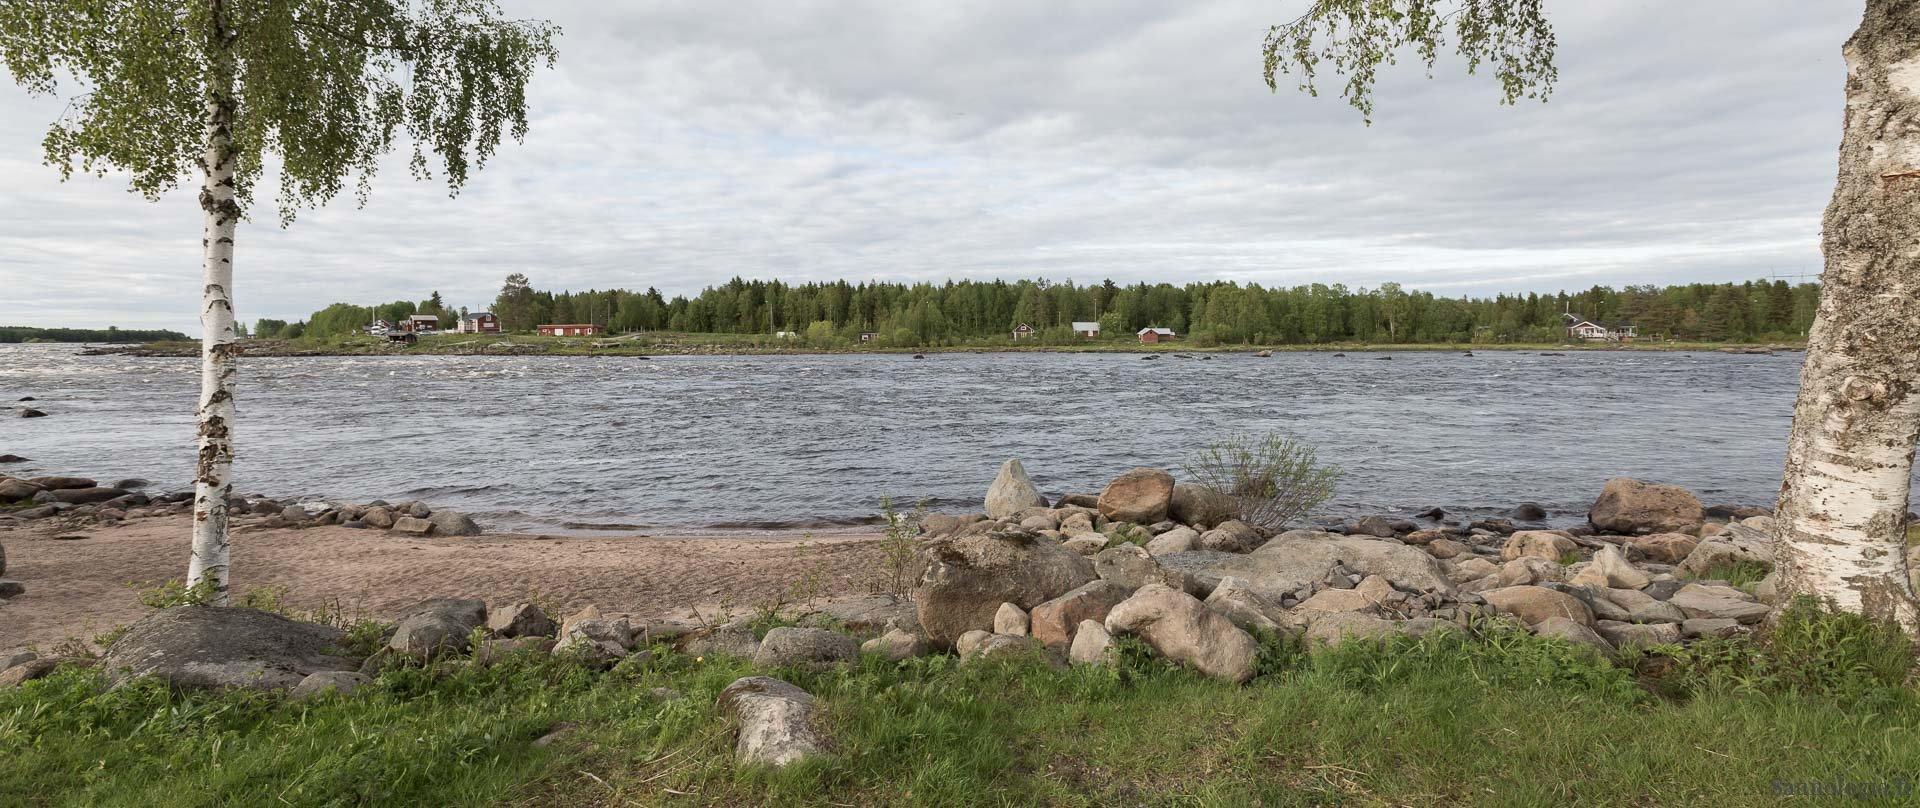 180608-isc2018-kukkolaforsen-beach3-0096